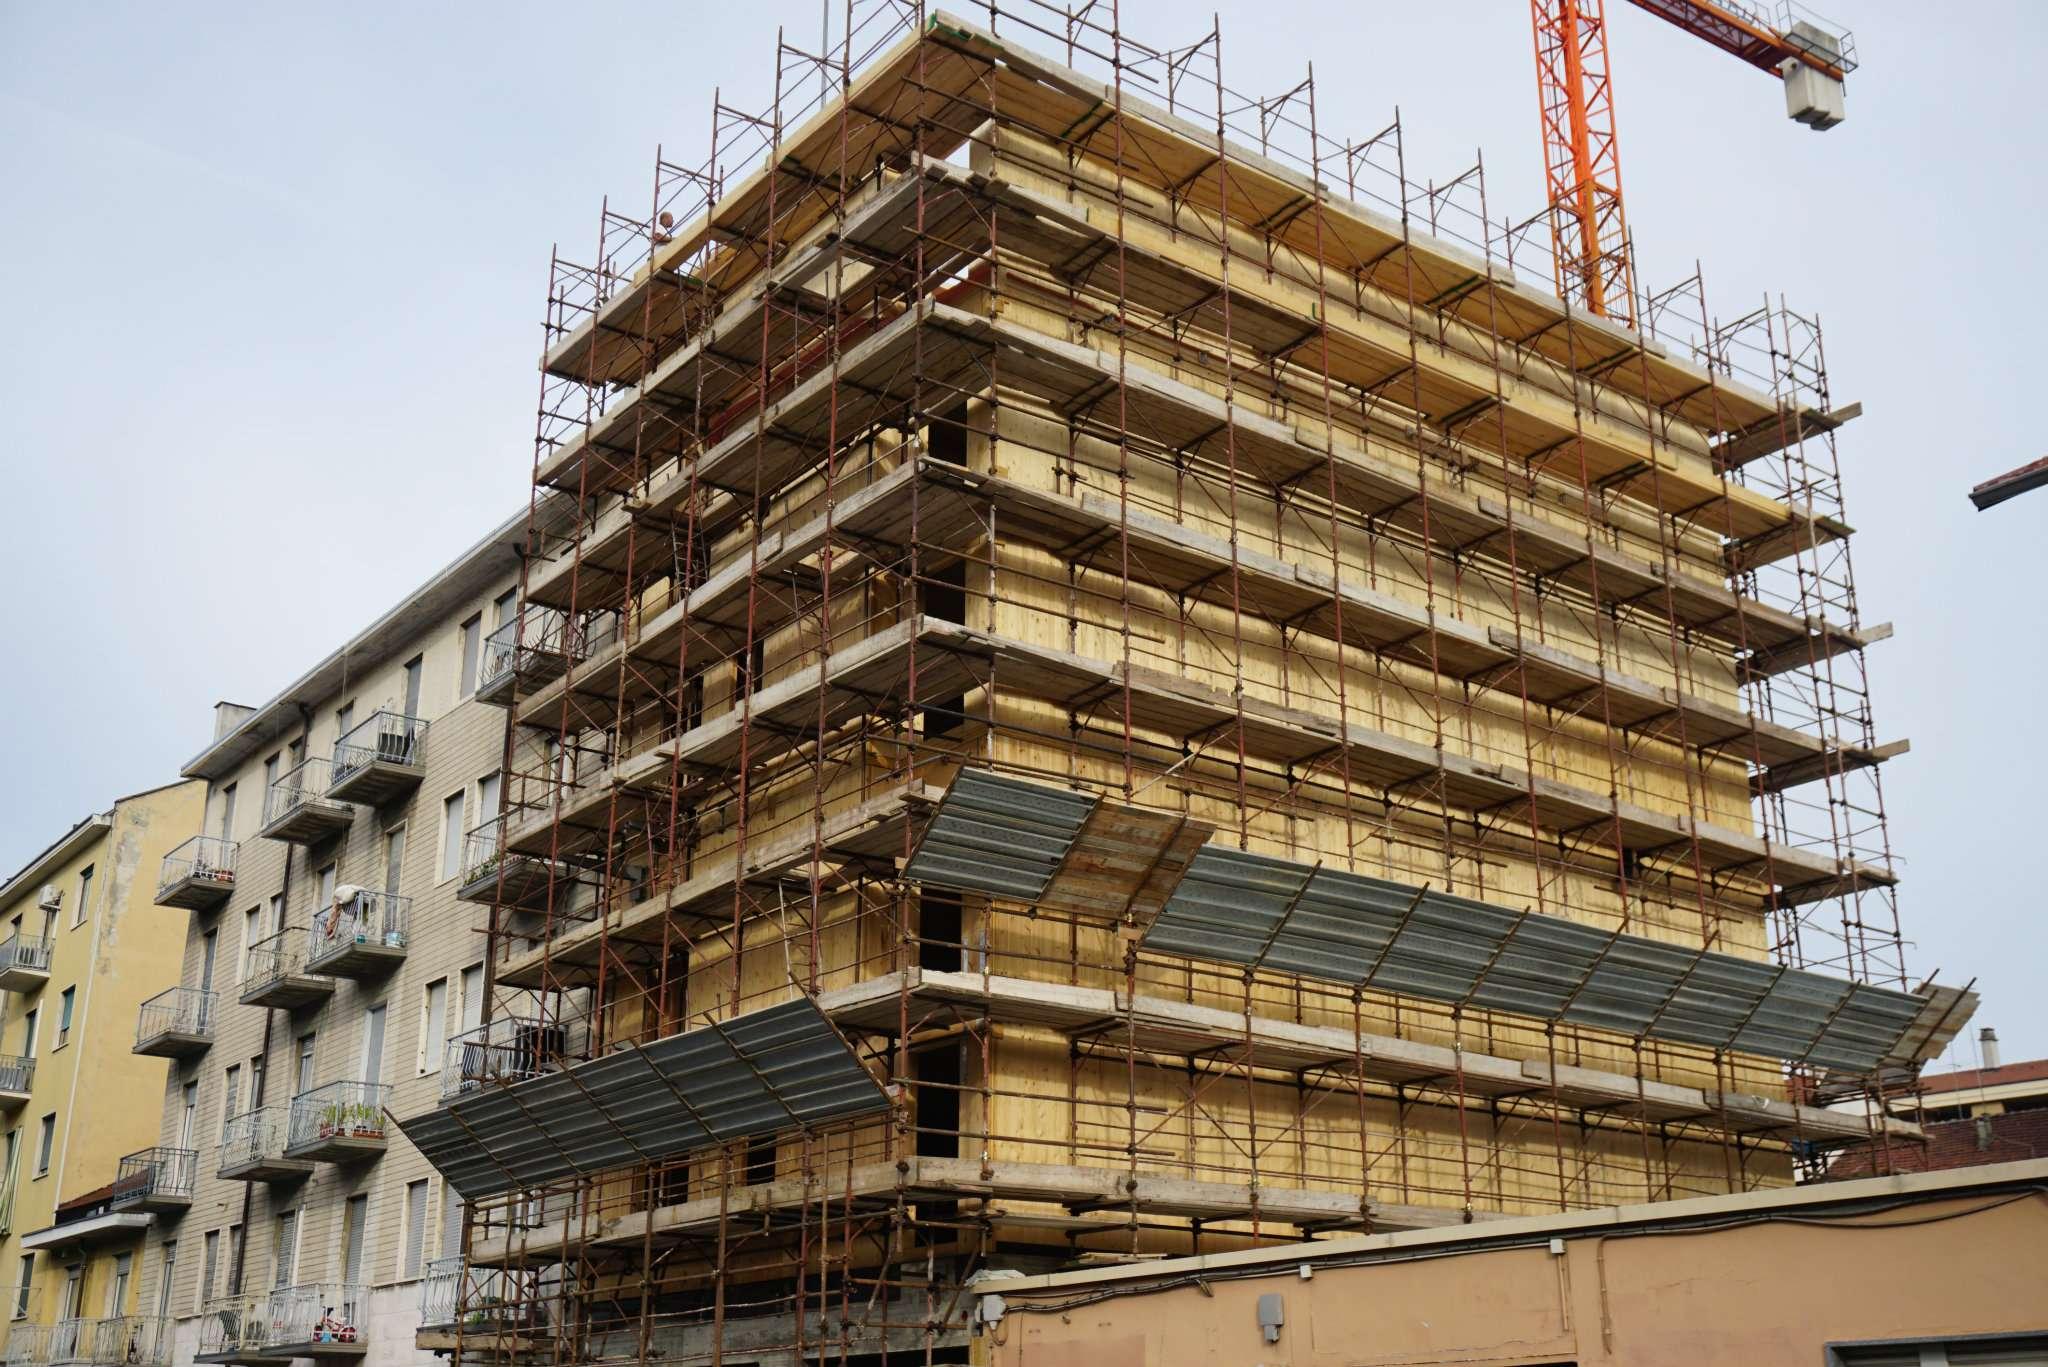 Immagine immobiliare greentorino la casa in legno, ecologicamente ed economicamente sostenibile Crediamo fortemente nell'utilizzo del legno nella realizzazione delle case. La nostra prima realizzazione in x-lam a Torino, in via Bardonecchia 133, ha trovato...